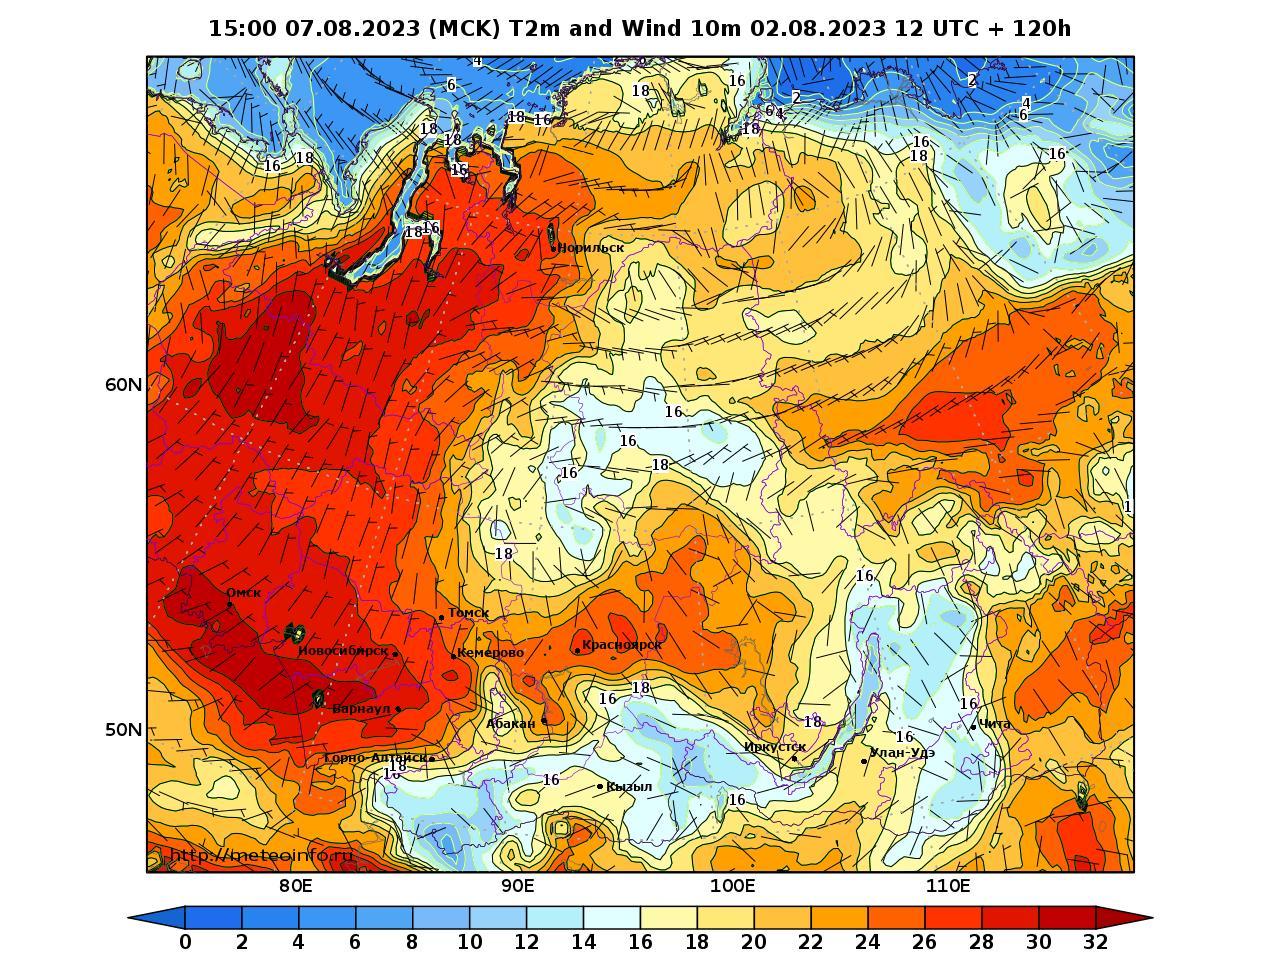 Сибирский Федеральный округ, прогностическая карта приземная температура, заблаговременность прогноза 120 часов